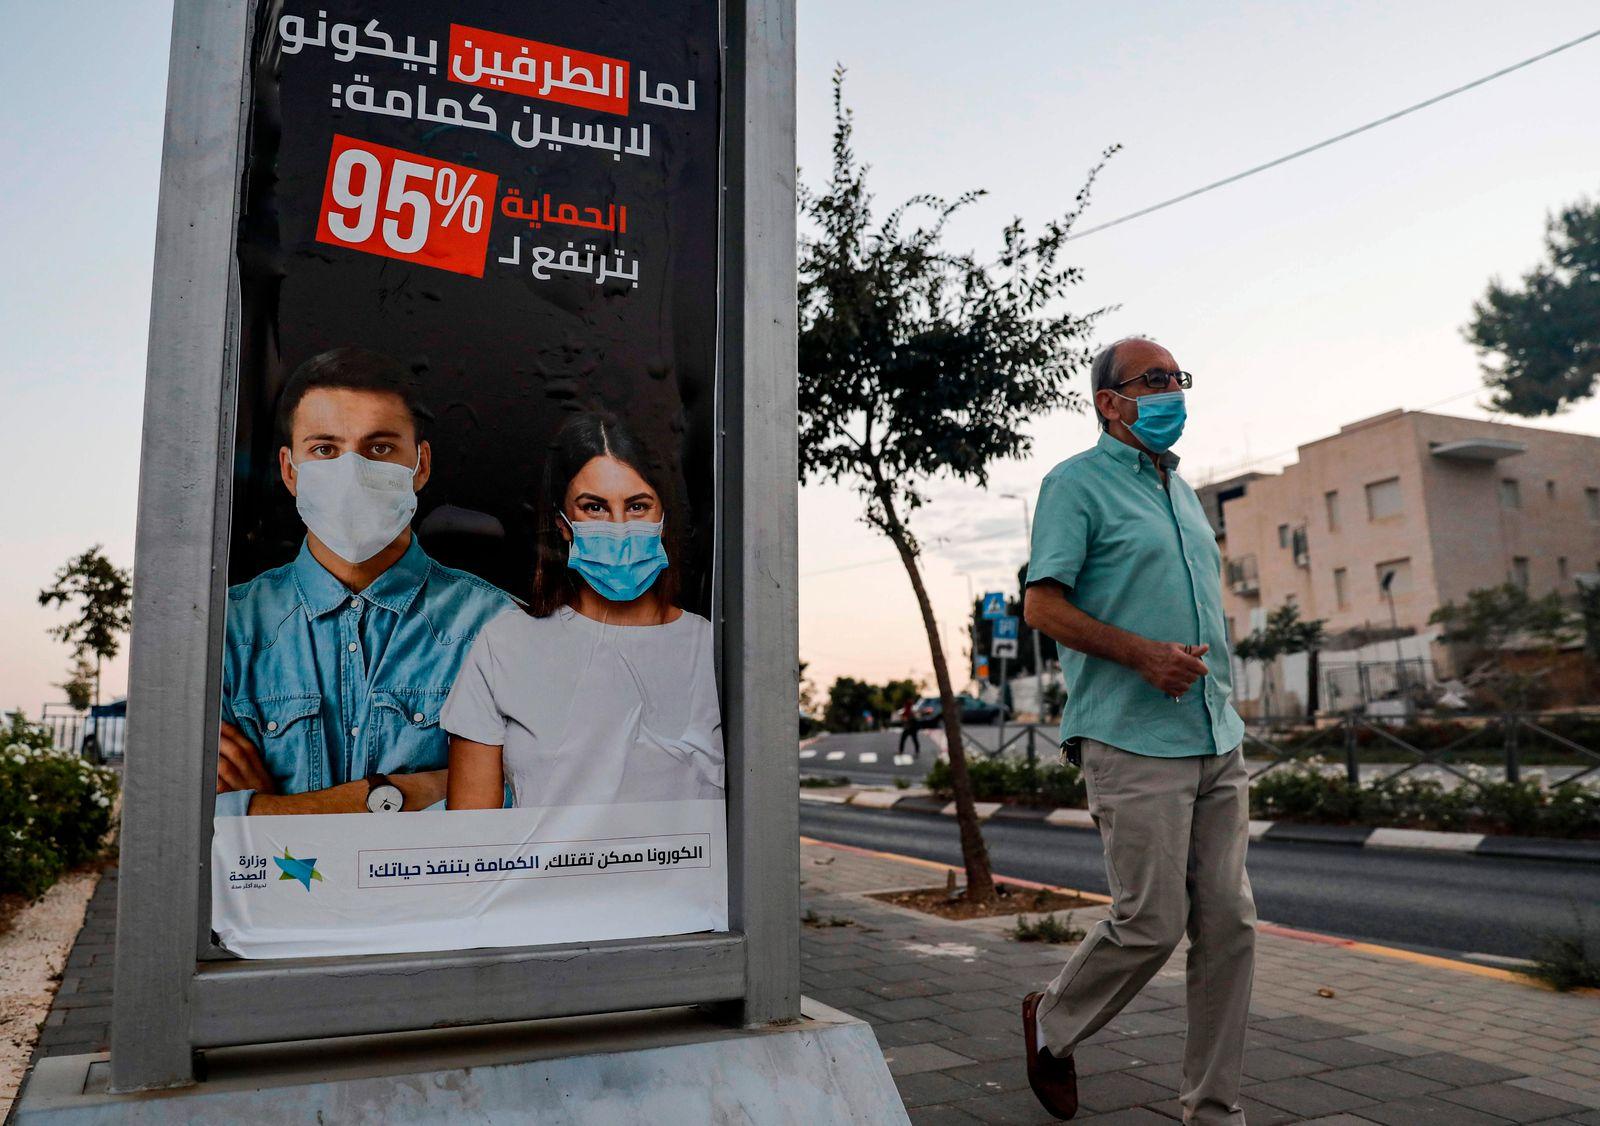 ISRAEL-PALESTINIAN-HEALTH-VIRUS